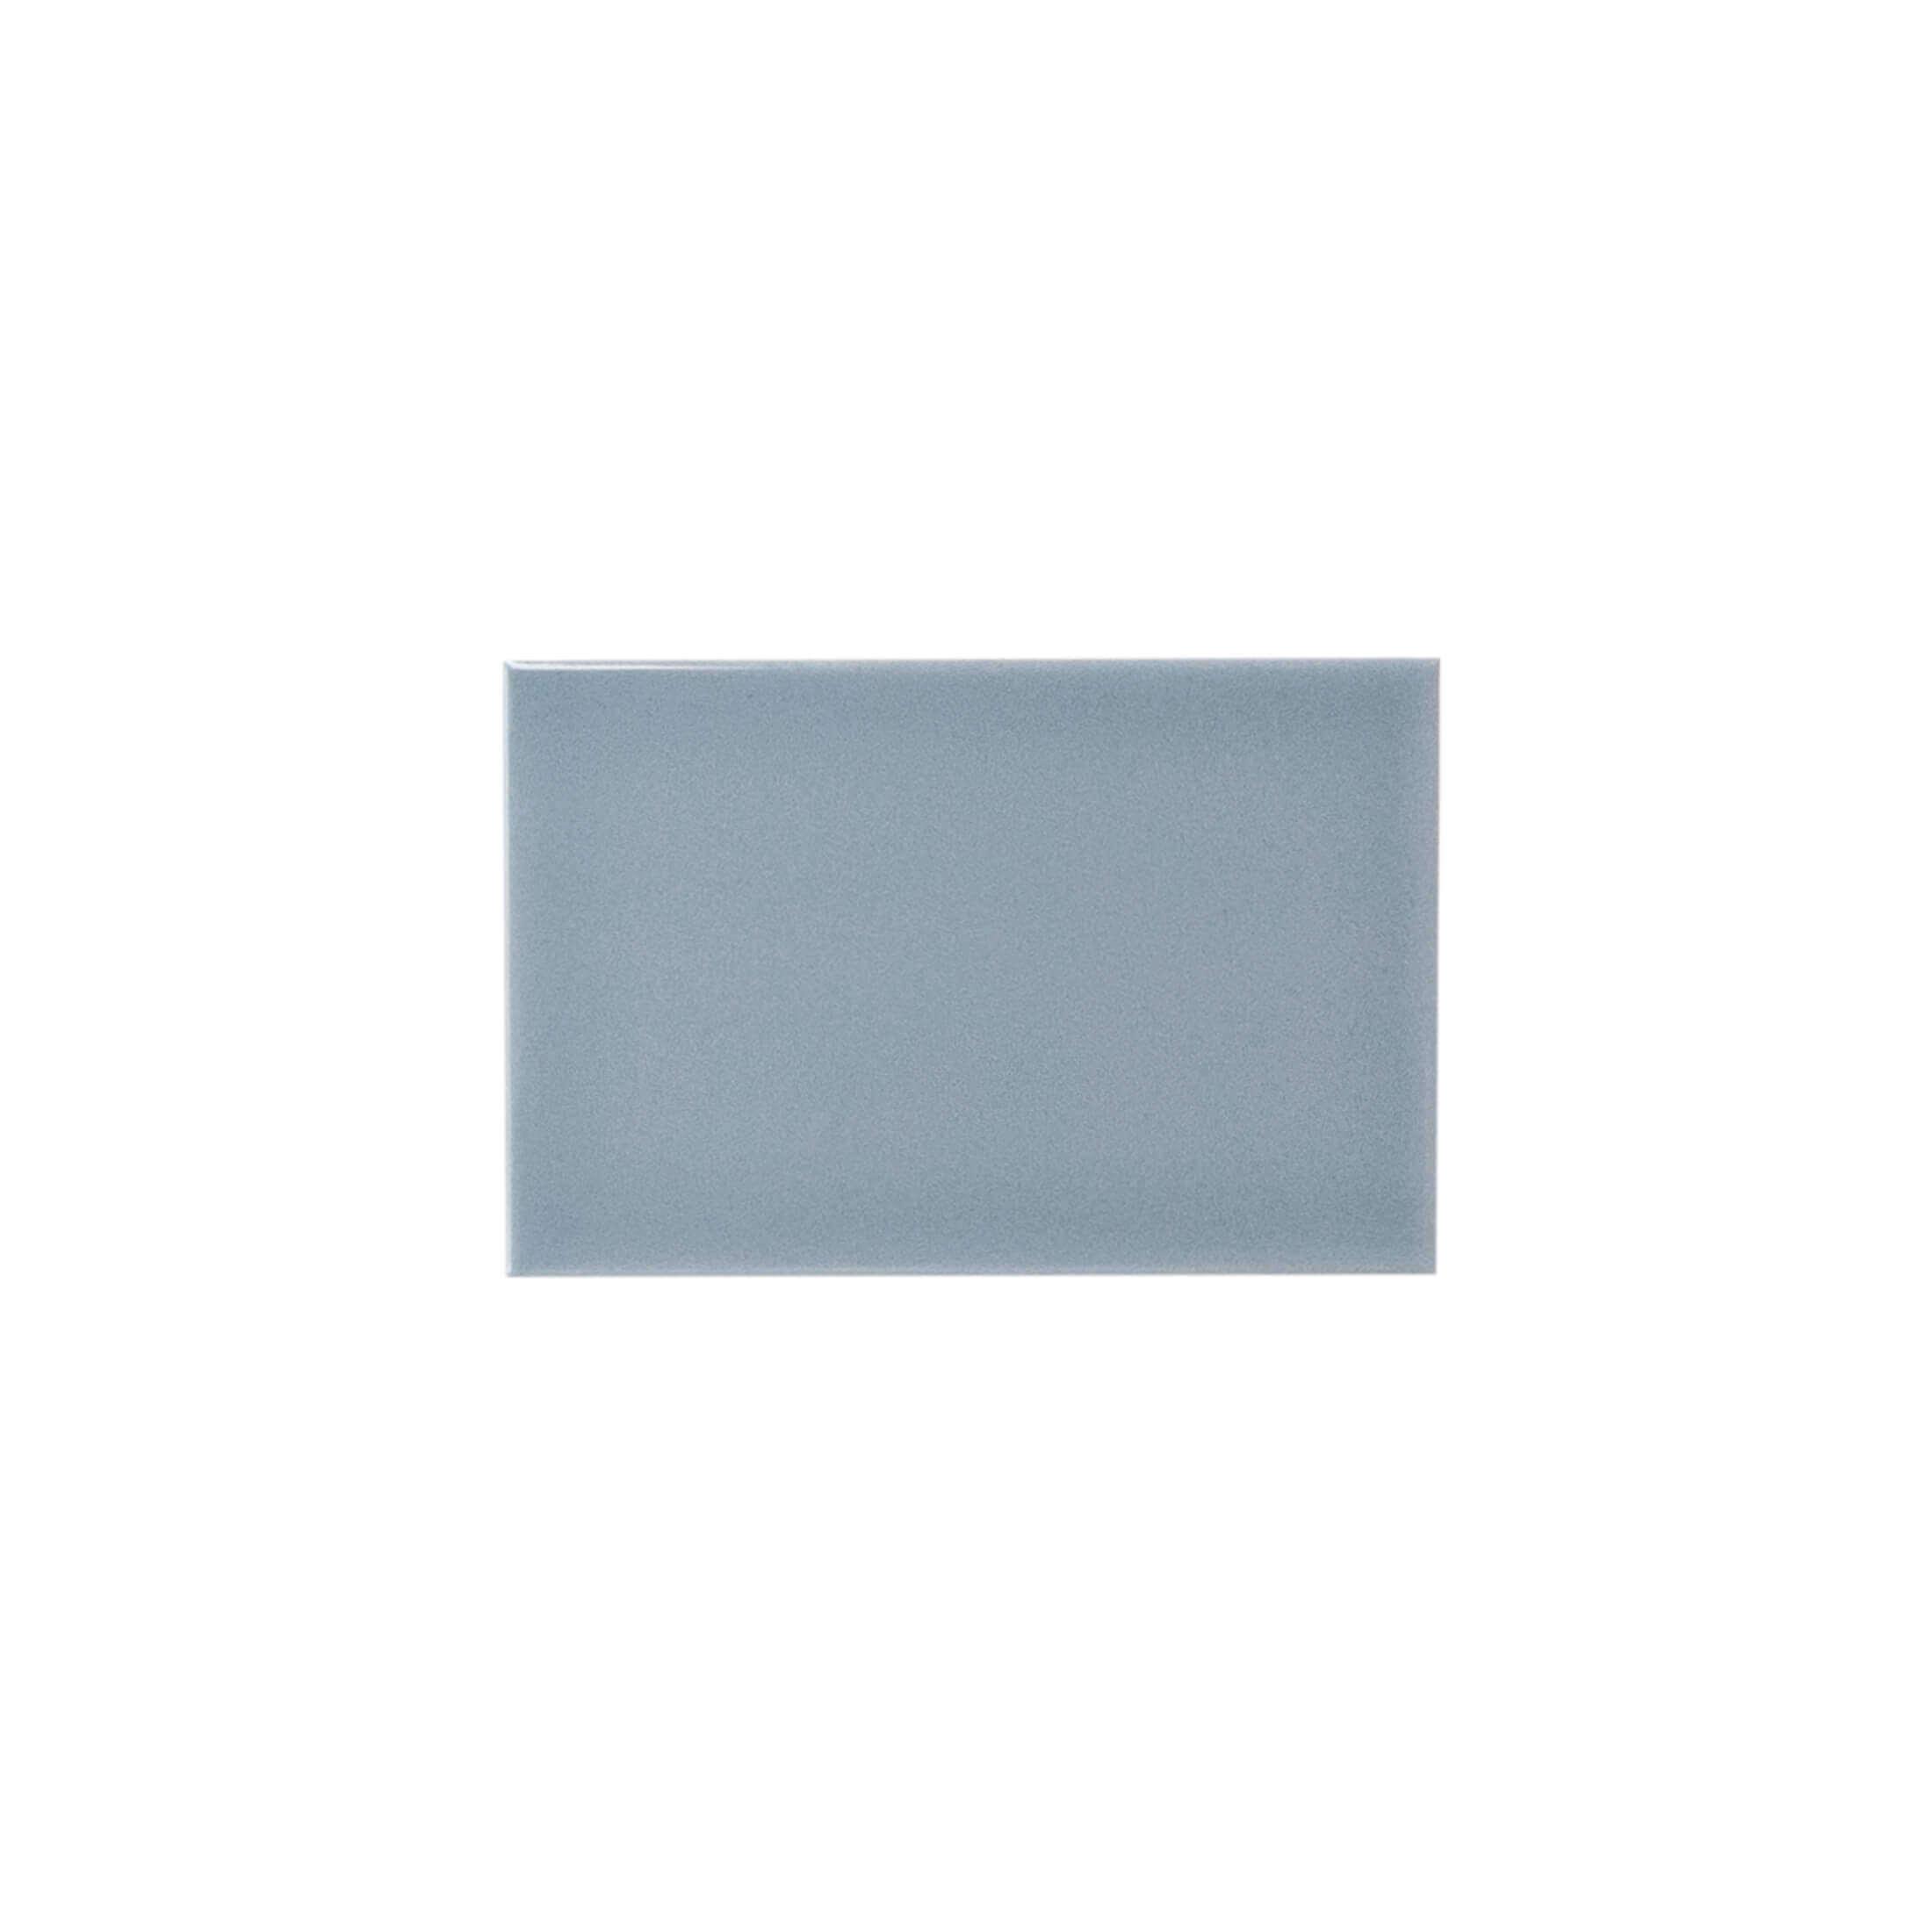 ADRI1030 - 10 cm X 15cm